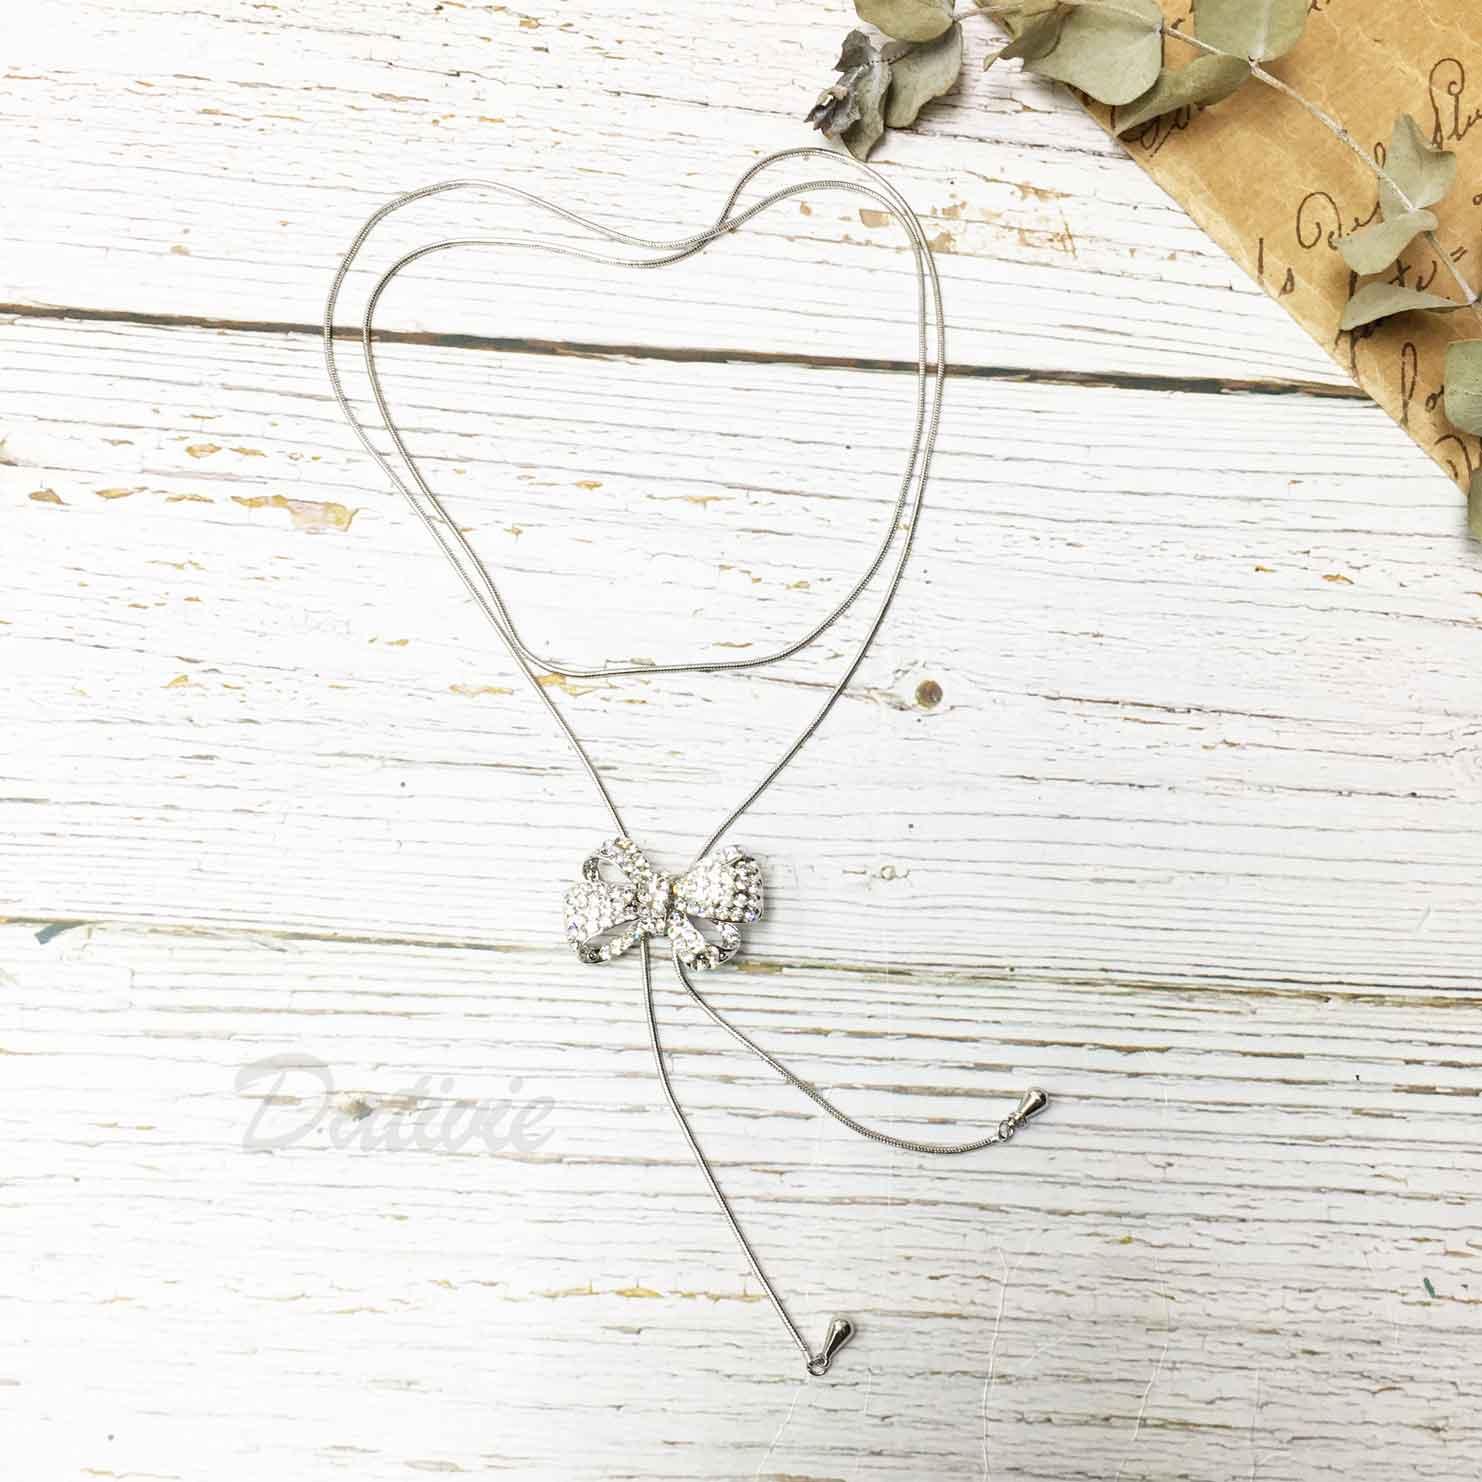 蝴蝶結 緞帶 水鑽 白鑽 飾品可調 伸縮項鍊